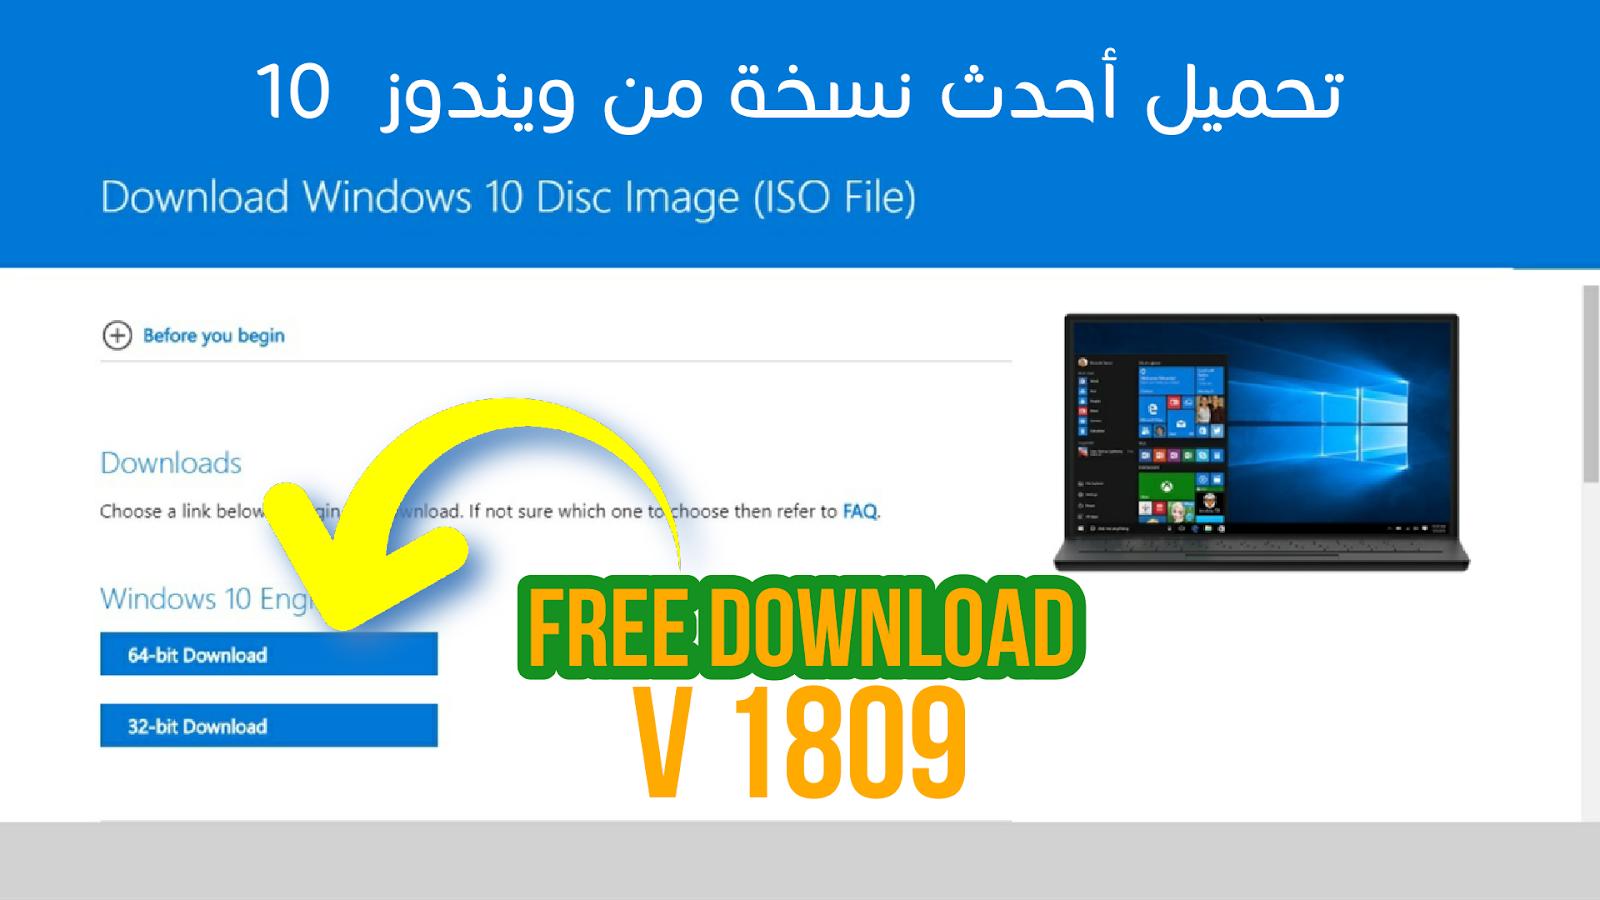 تنزيل ويندوز 10 مجانا عربي